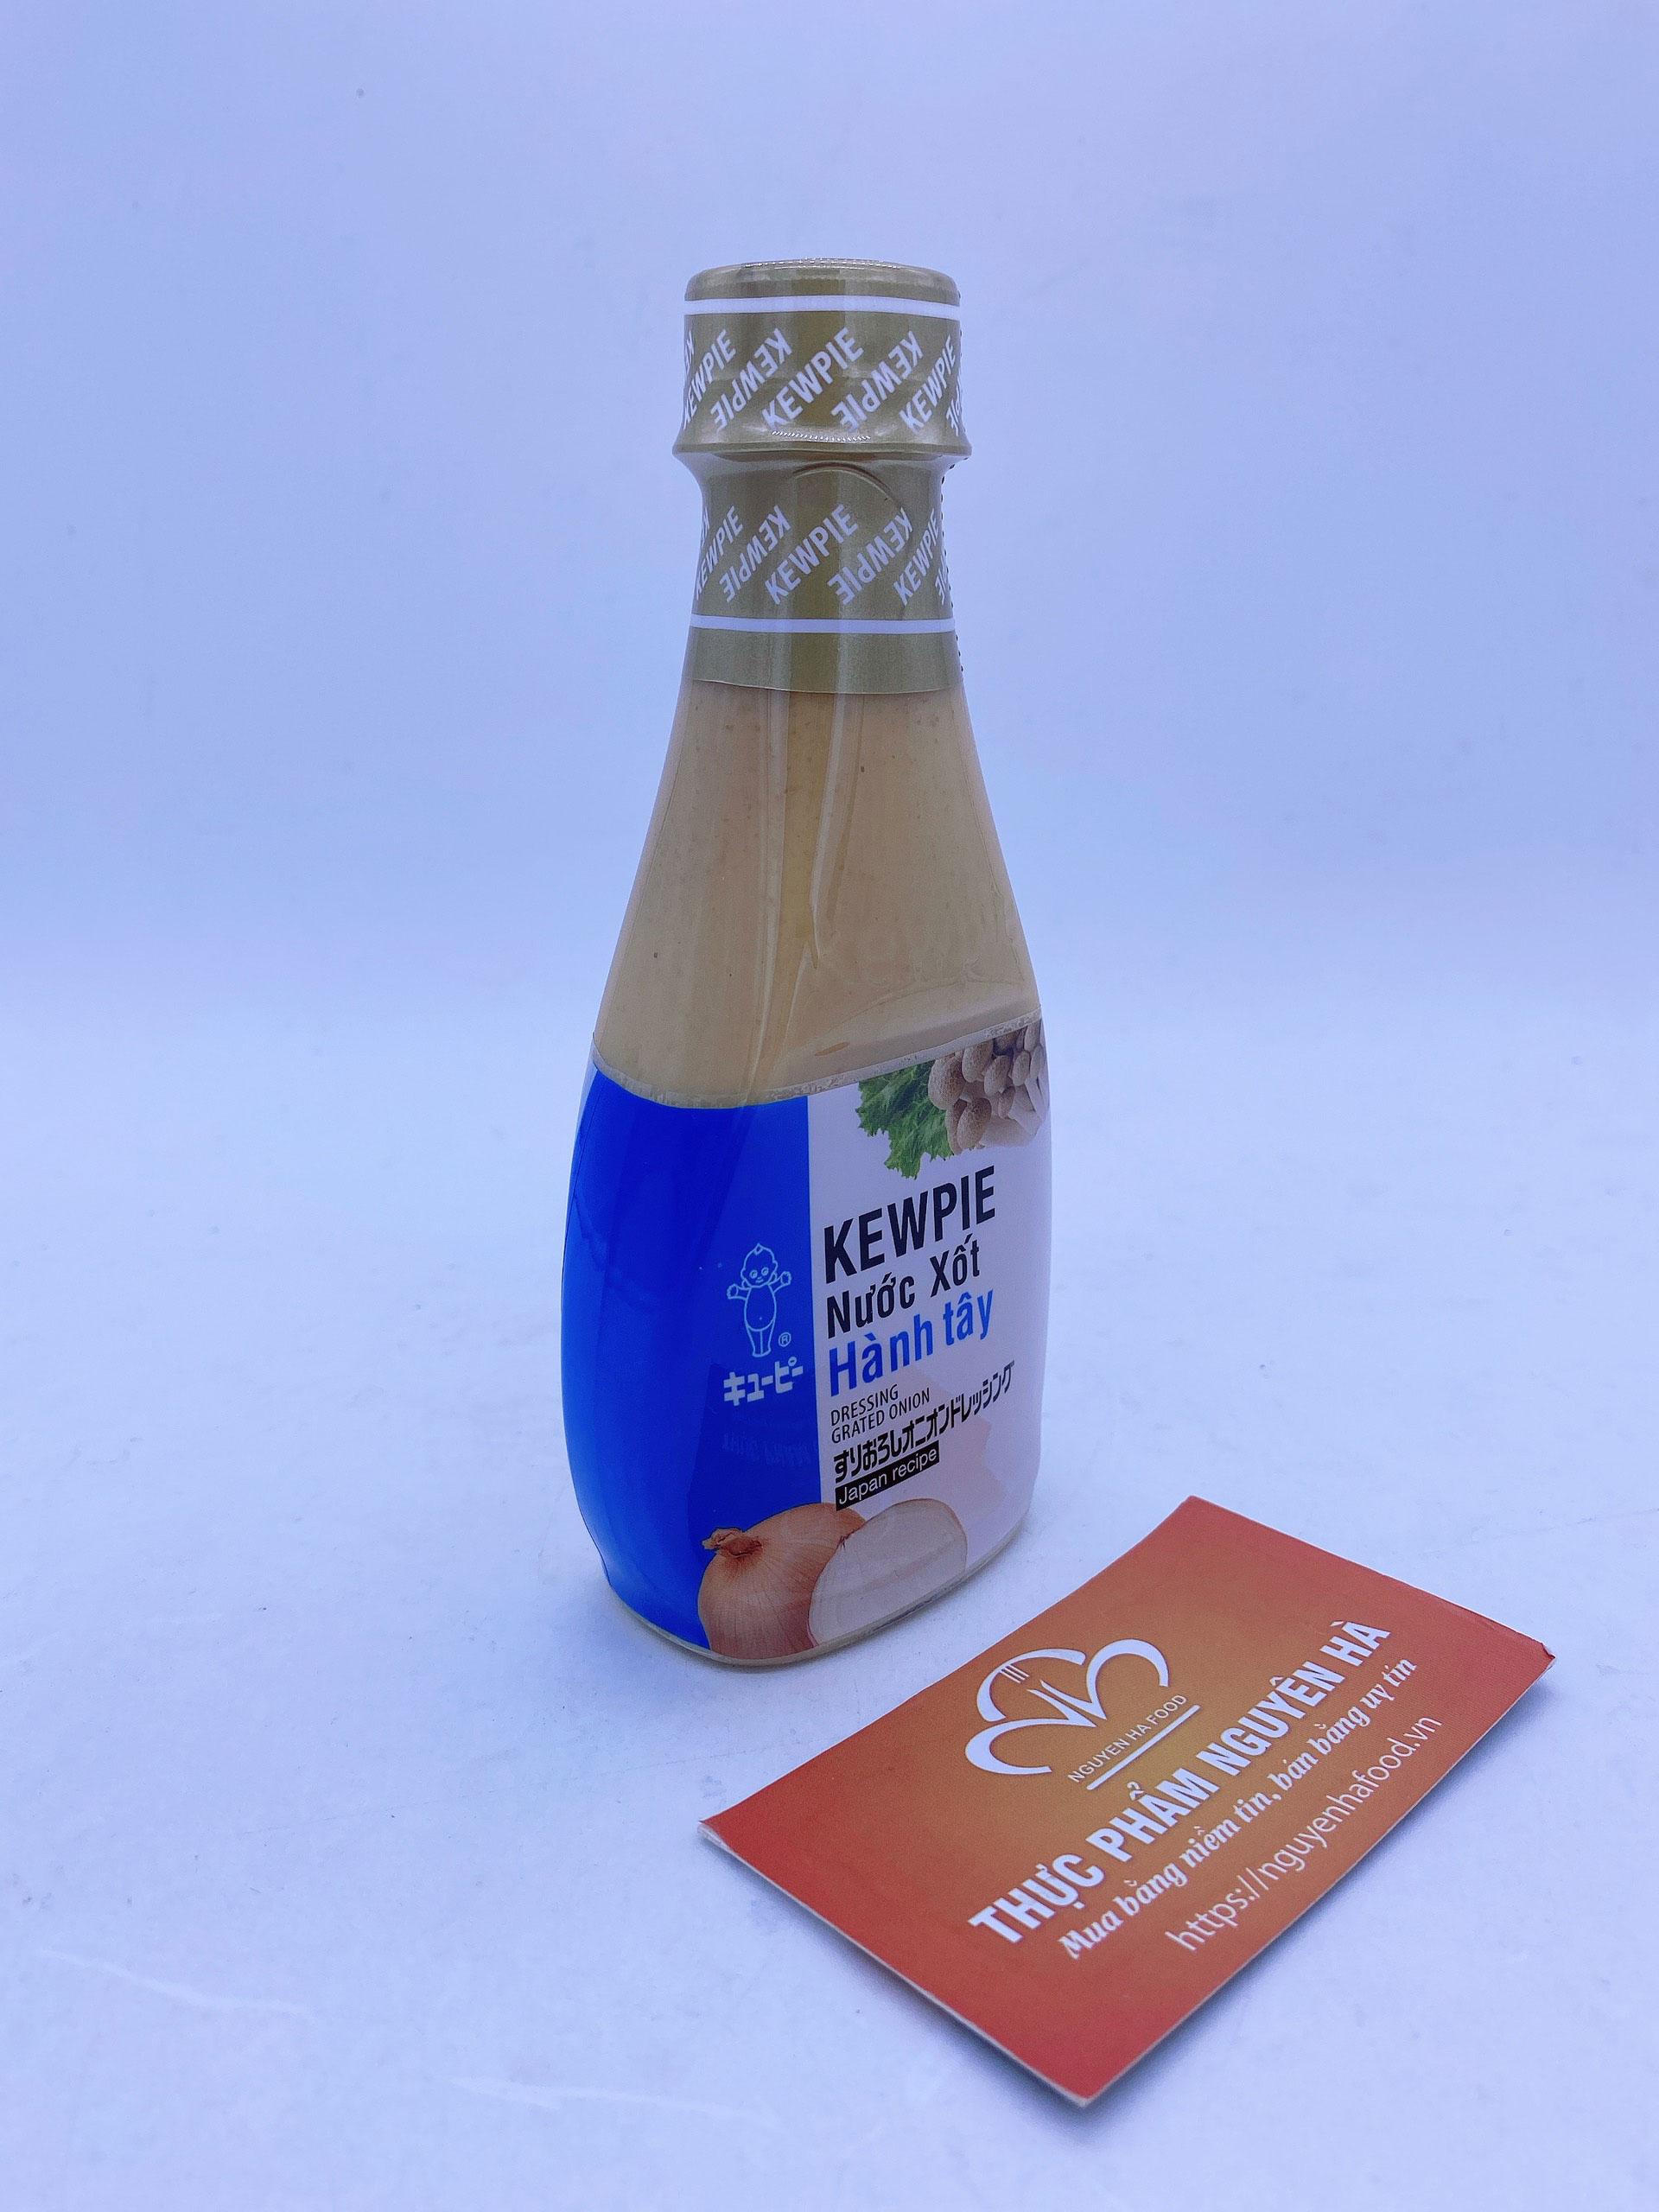 Nước xốt hành tây Kewpie- Dressing grated onion chai 210ml